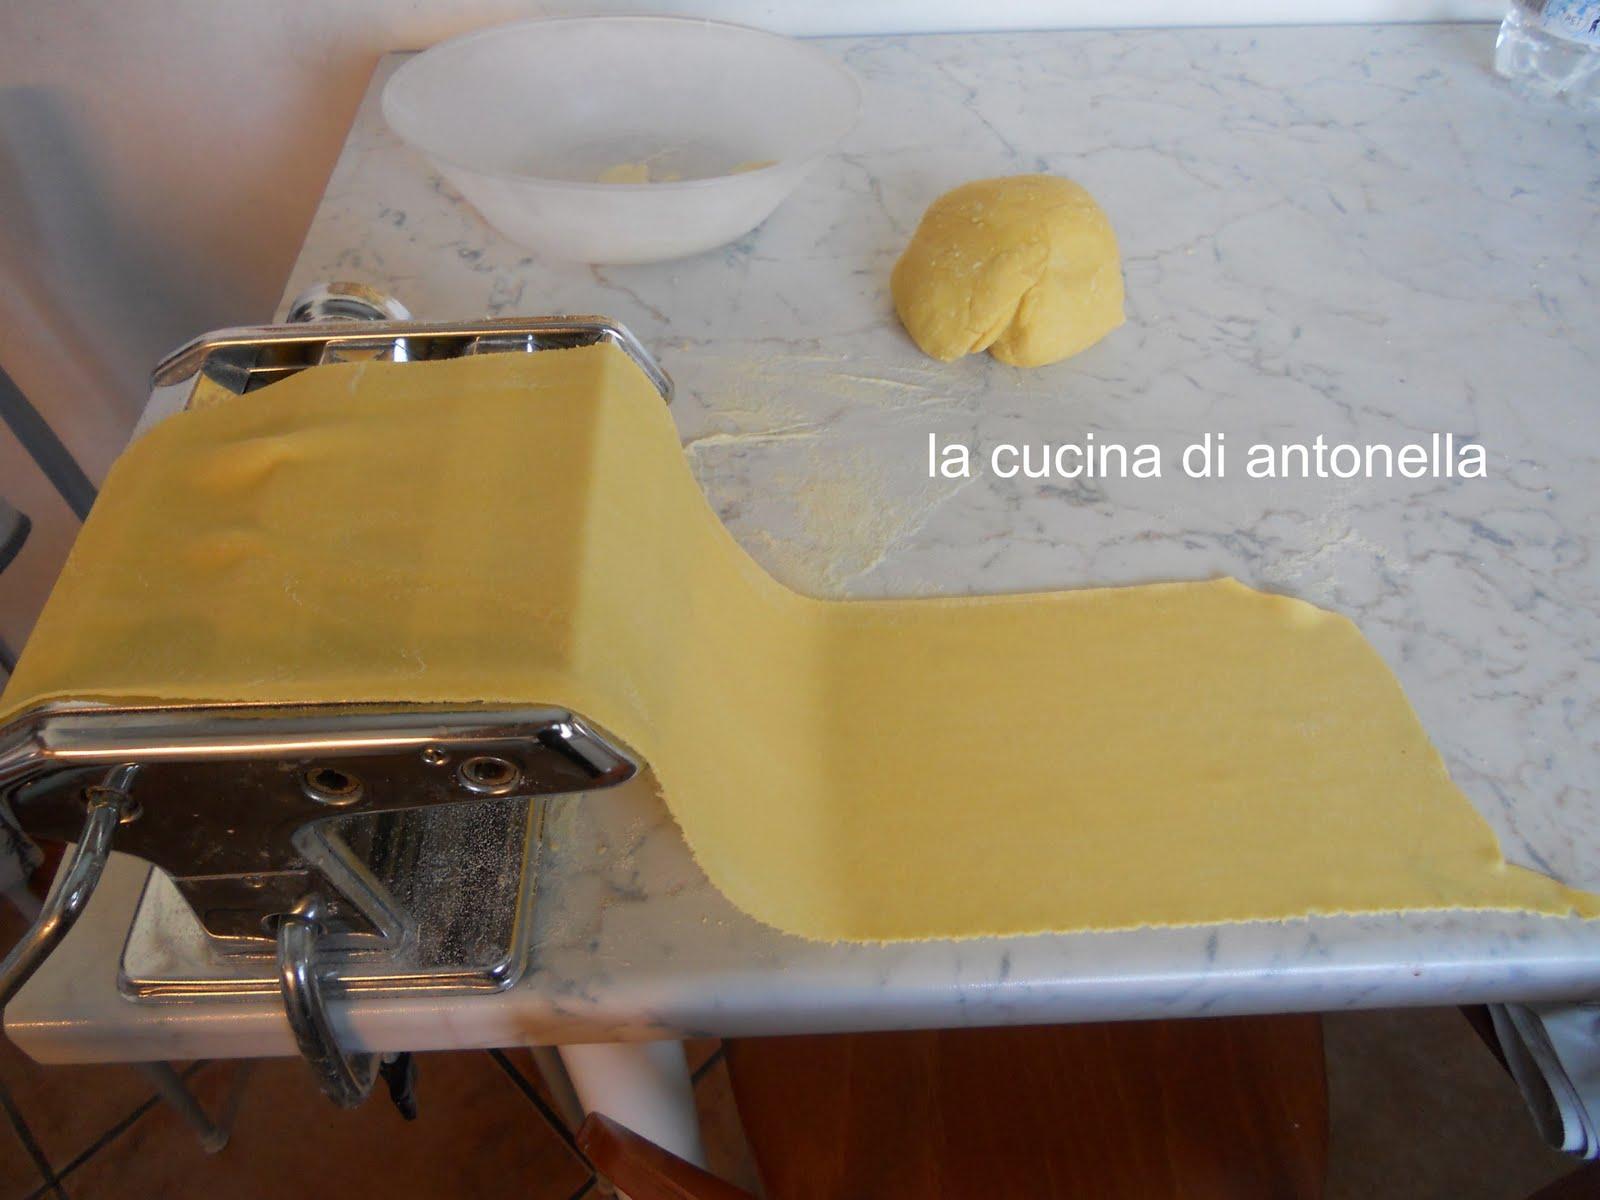 La cucina di antonella lasagne fatte in casa con il pesto - La cucina di antonella ...